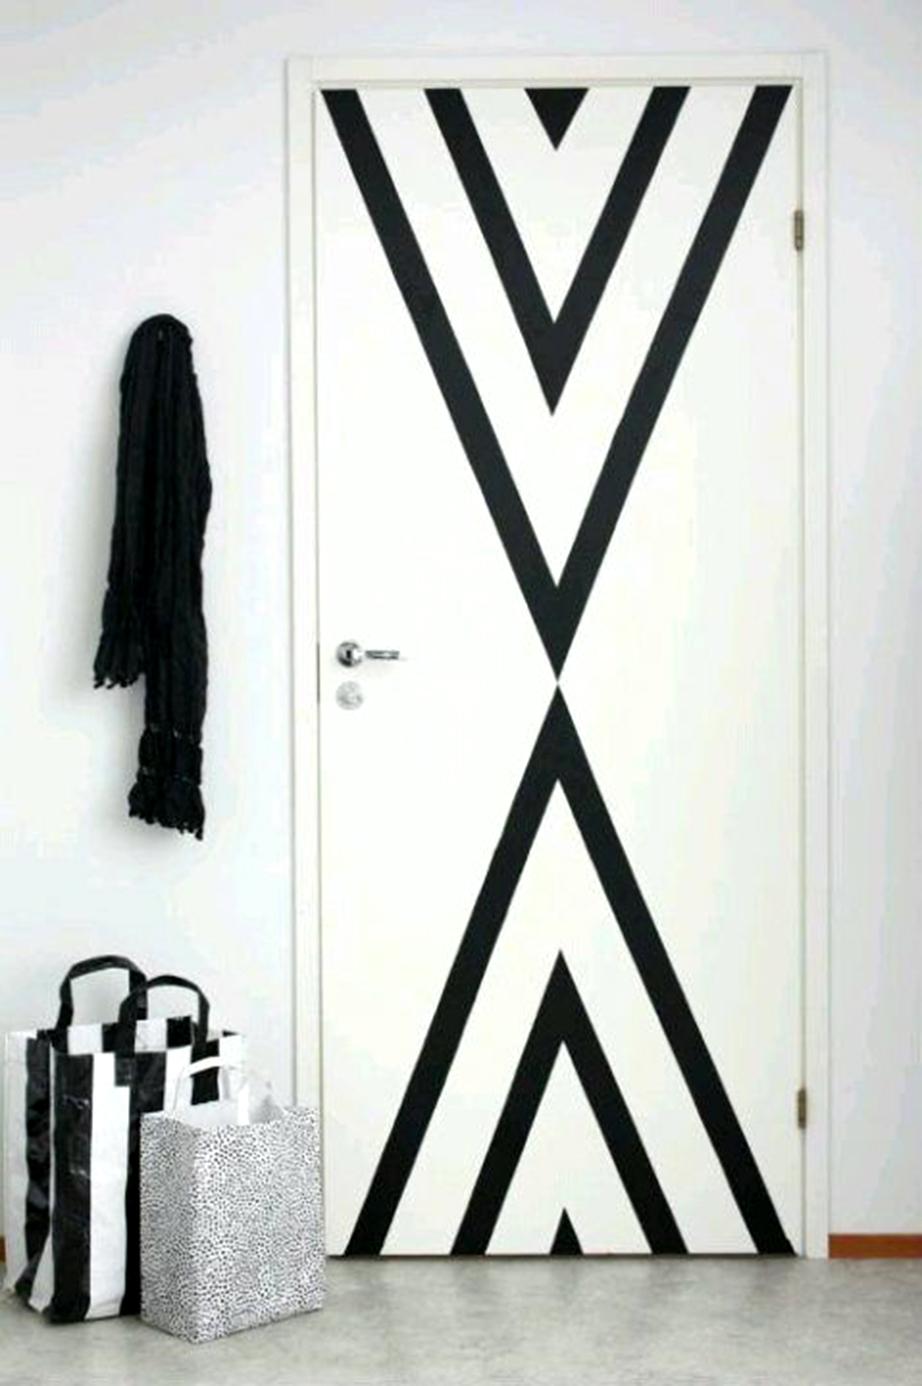 Δημιουργήστε γεωμετρικά σχέδια πάνω στις πόρτες του σπιτιού με διακοσμητικές ταινίες.